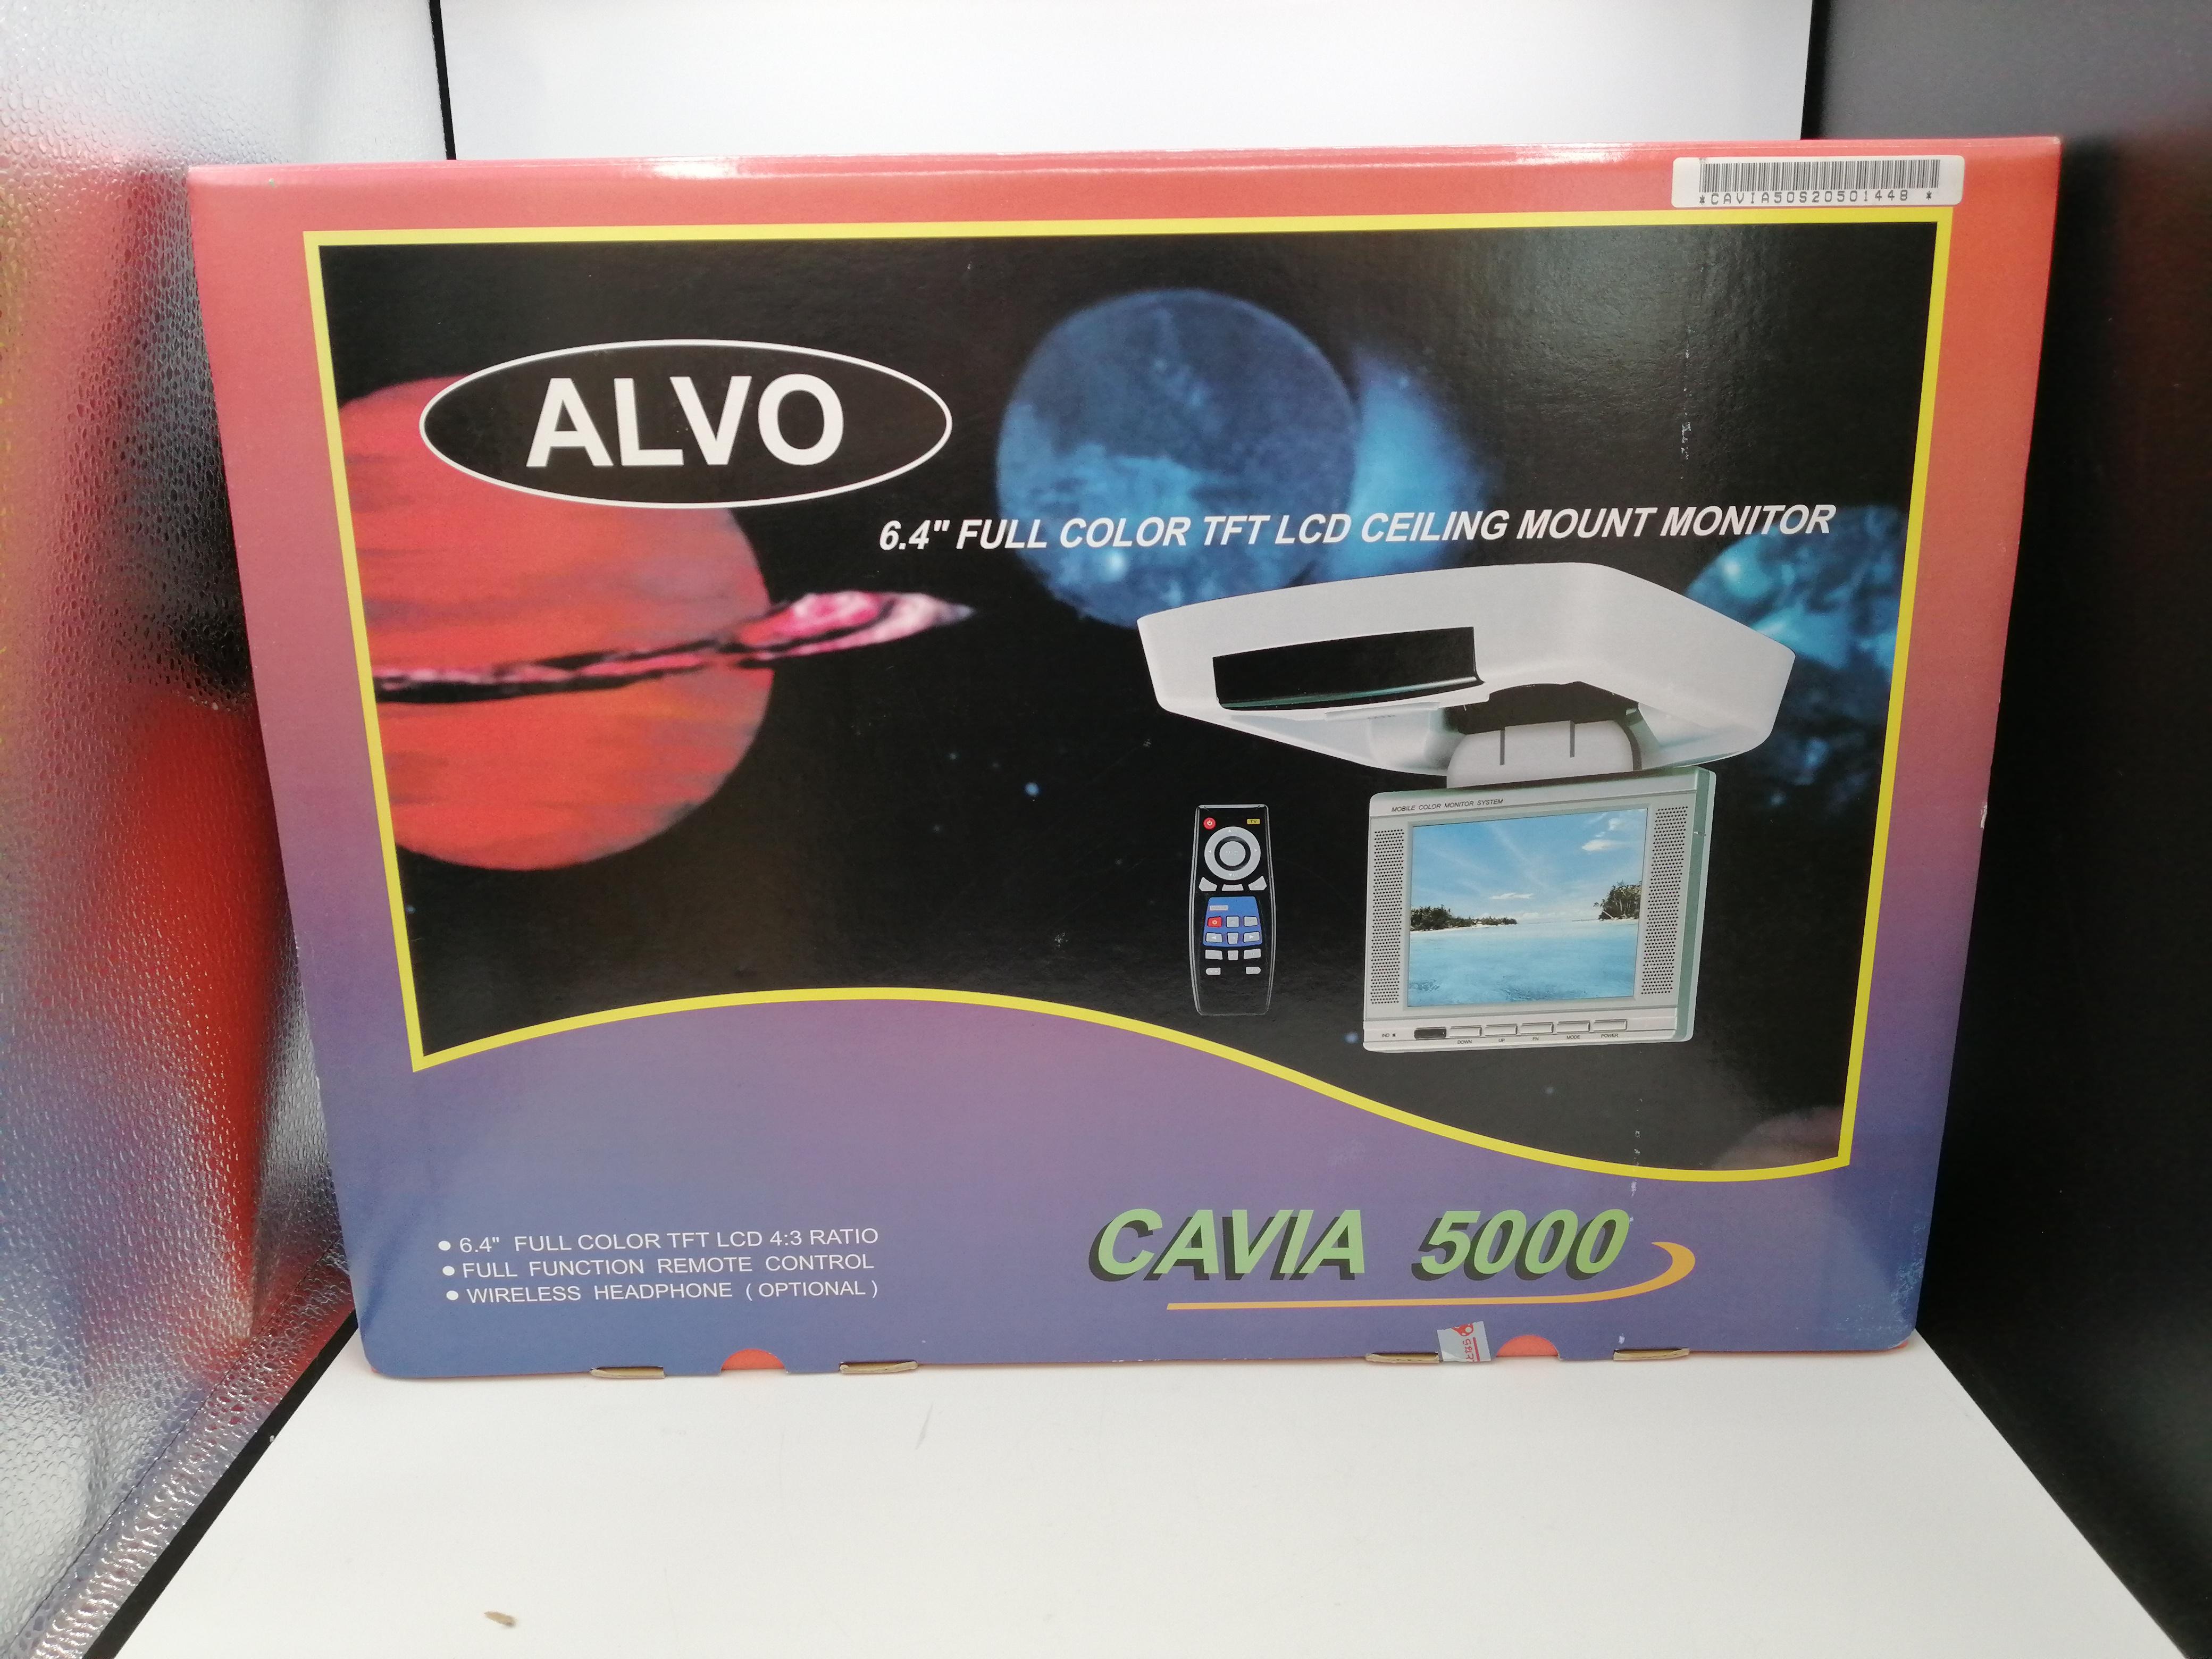 カーモニター|ALVO